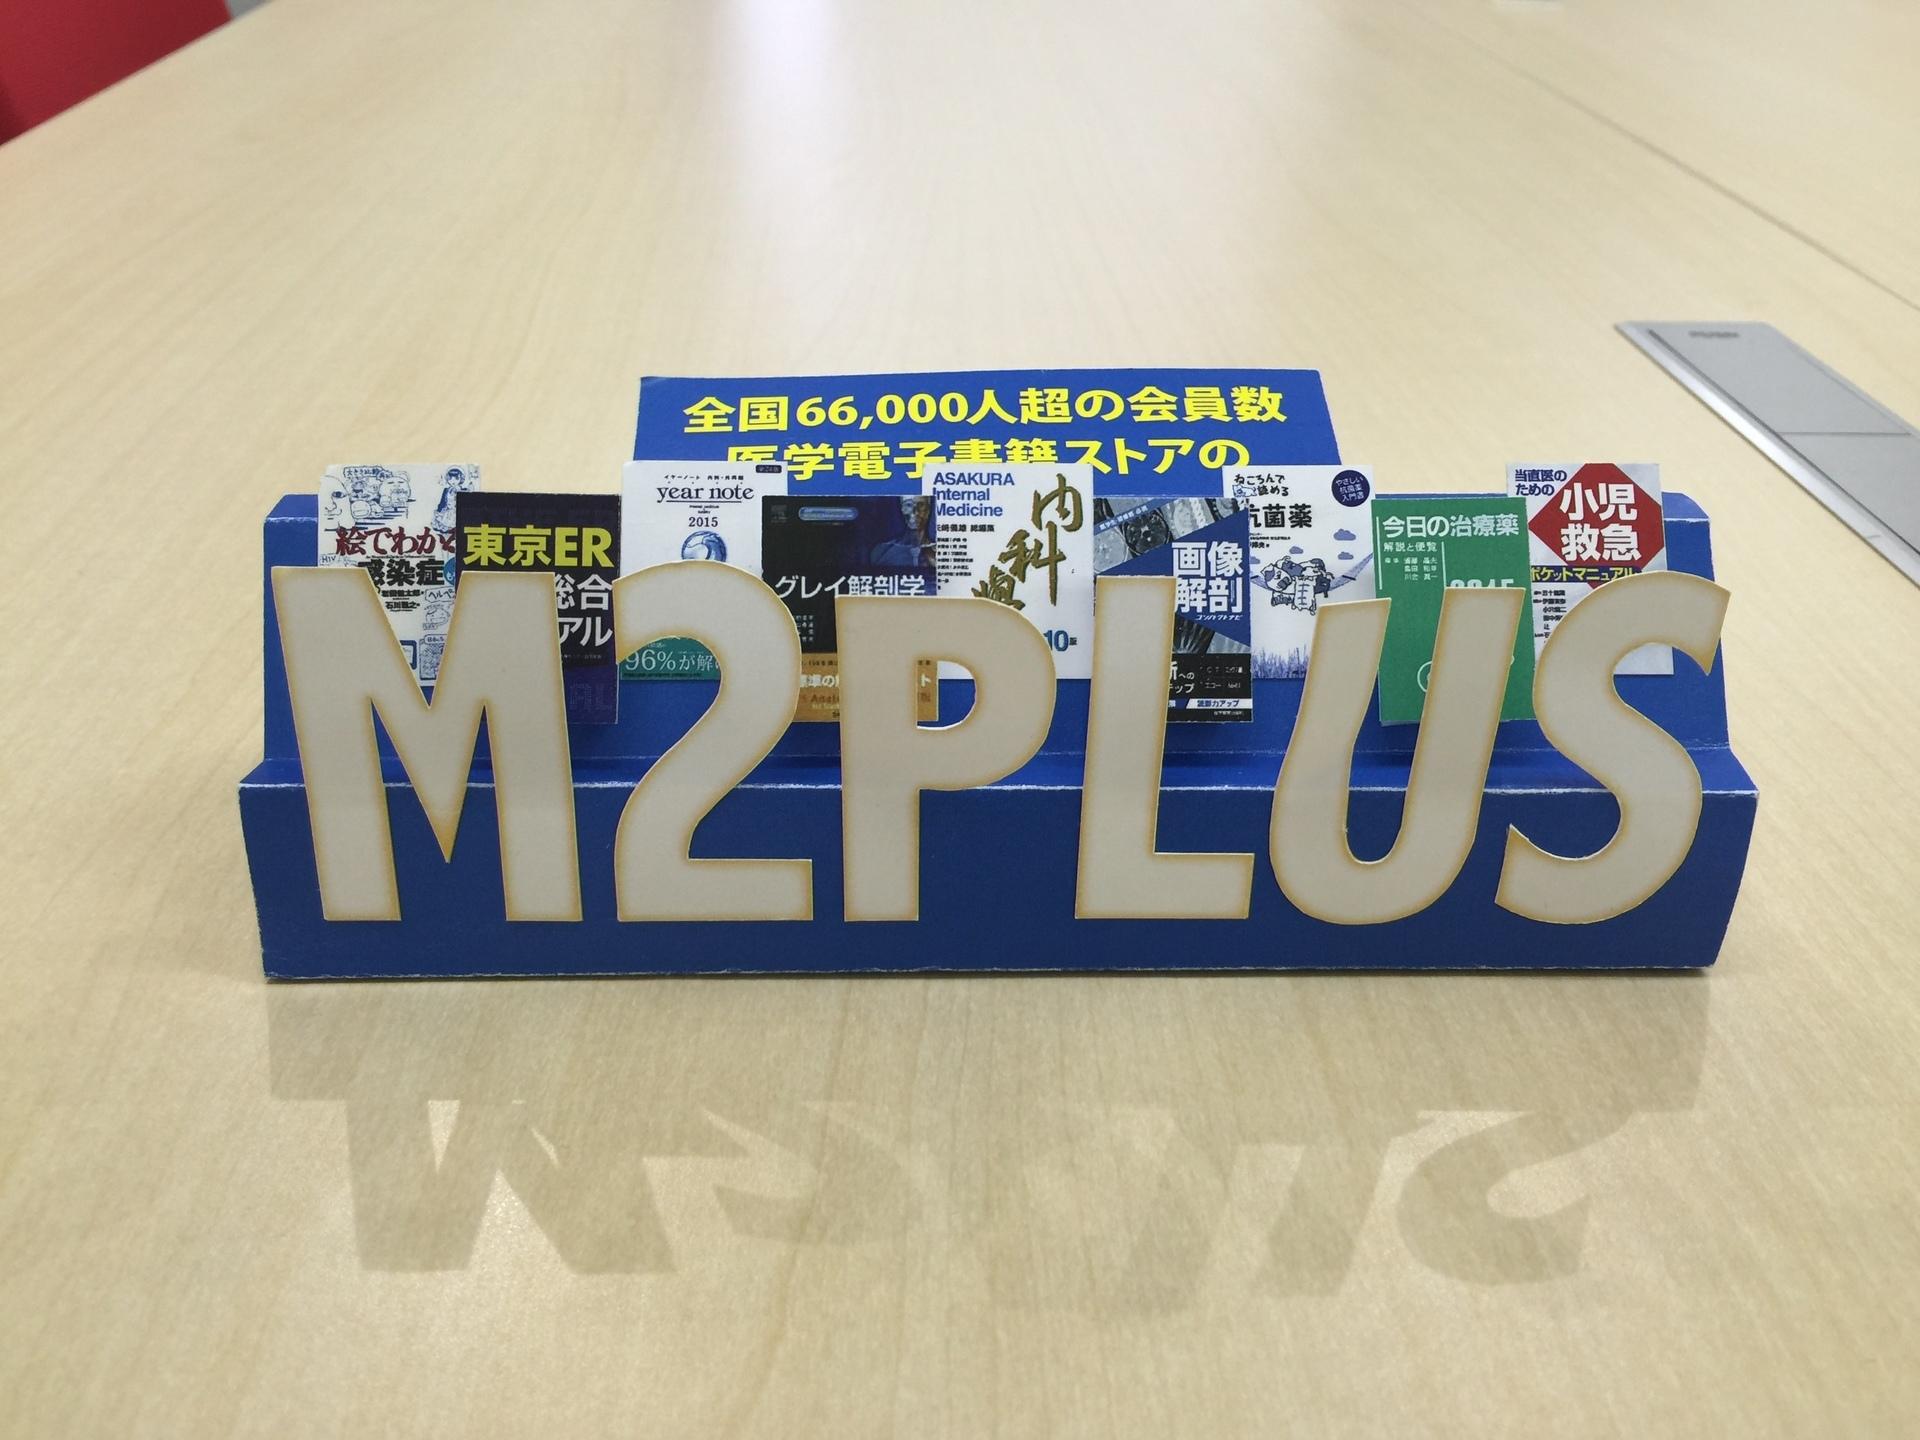 m2plus_item1.jpg